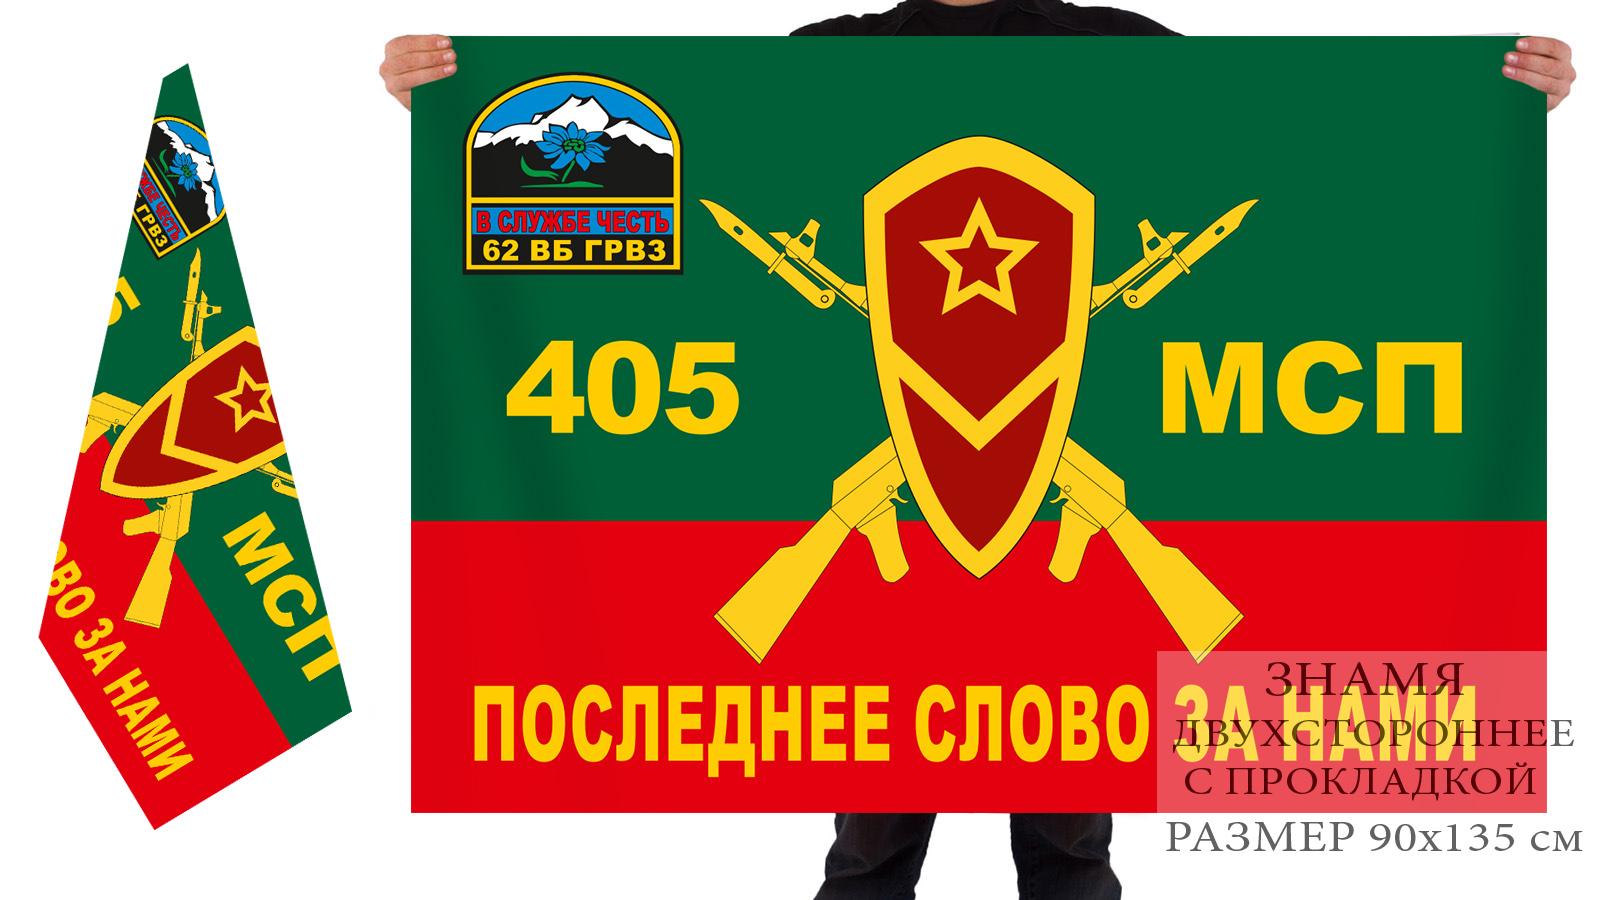 Двусторонний флаг 405 МСП 62 военной базы ГРВЗ